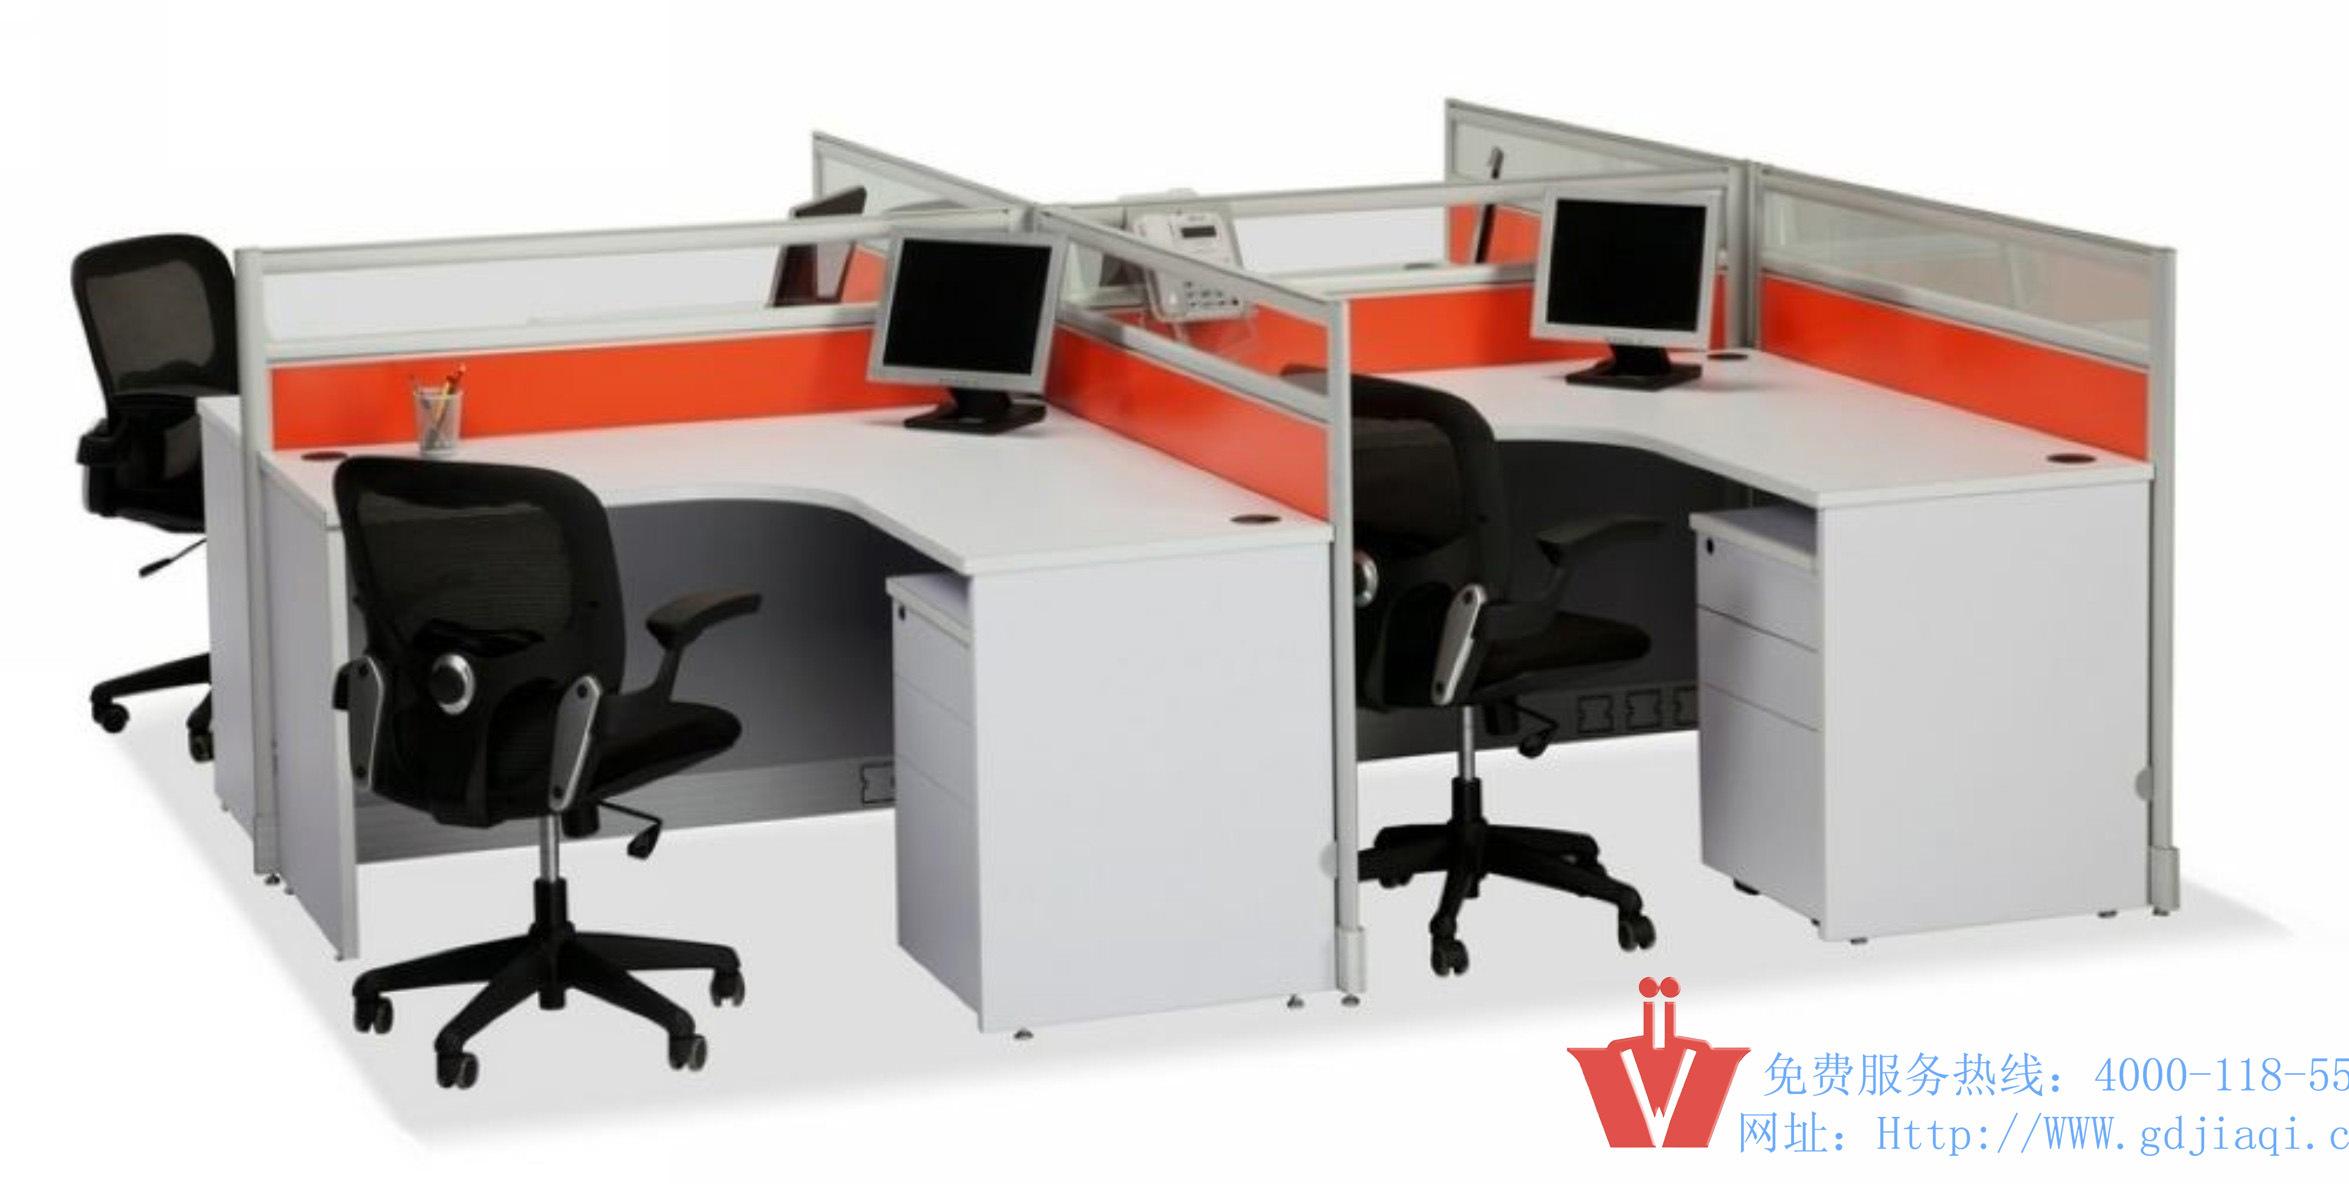 Muebles modernos de la partici n de la oficina del cuatro for Muebles de oficina modernos precios